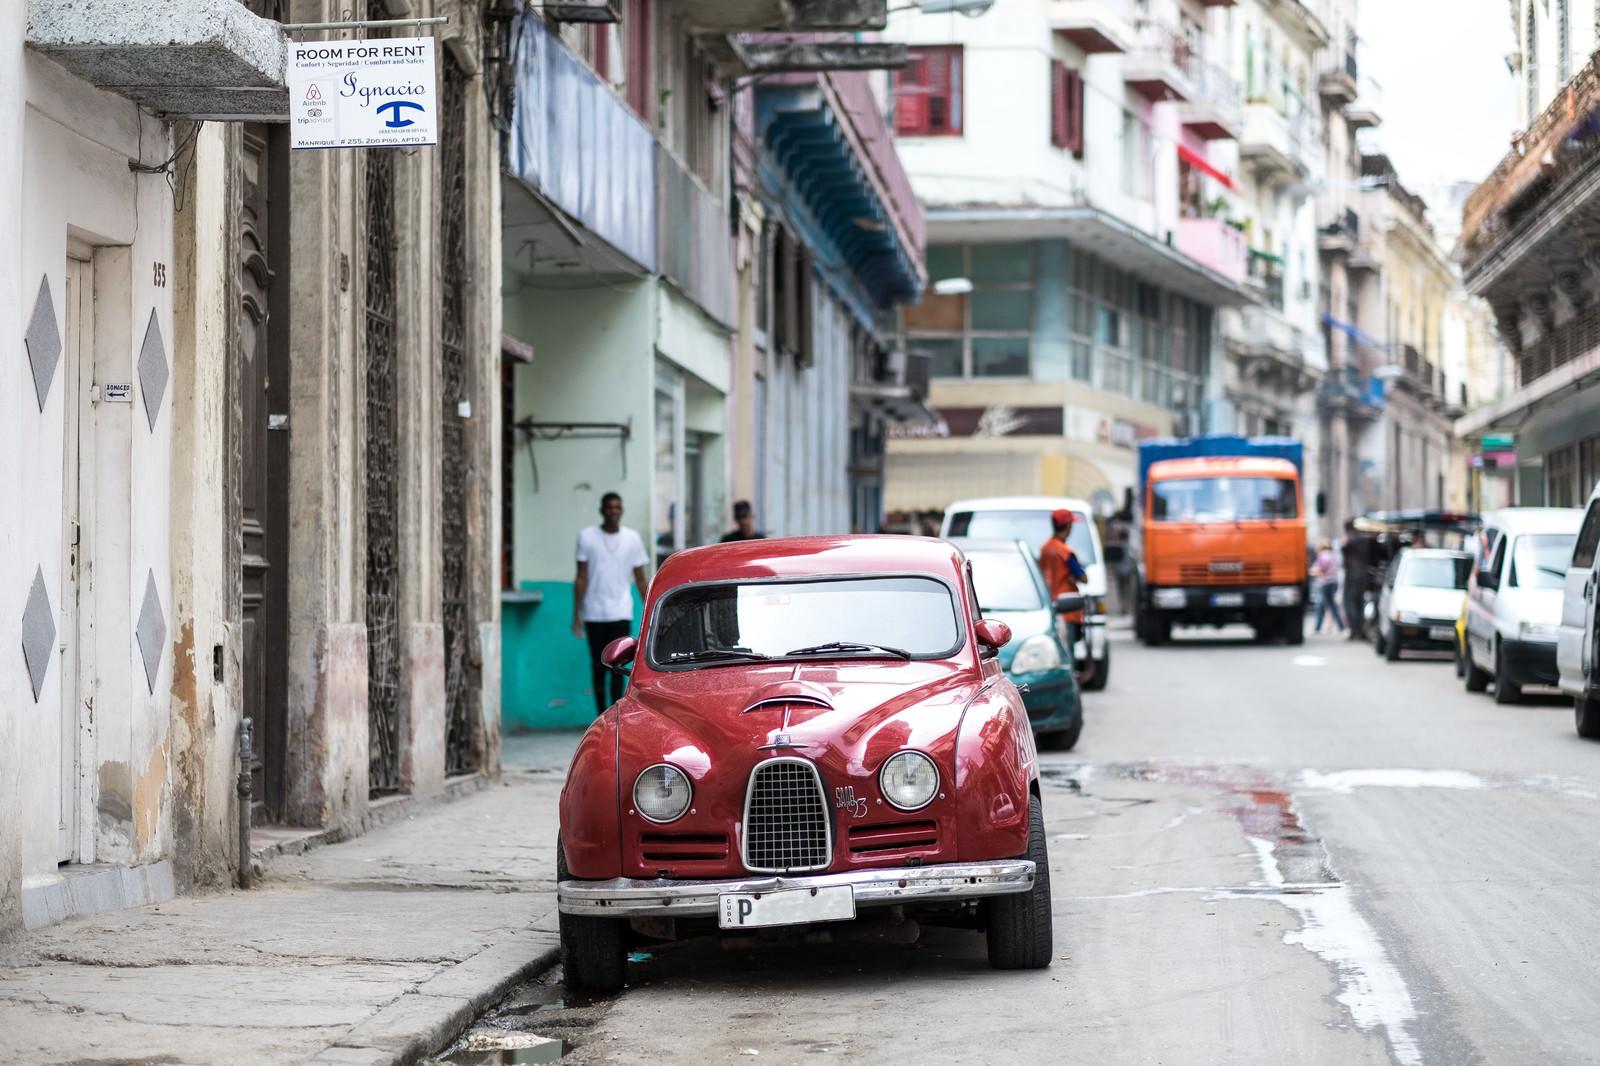 「路肩に駐車している赤いSAAB路肩に駐車している赤いSAAB」のフリー写真素材を拡大